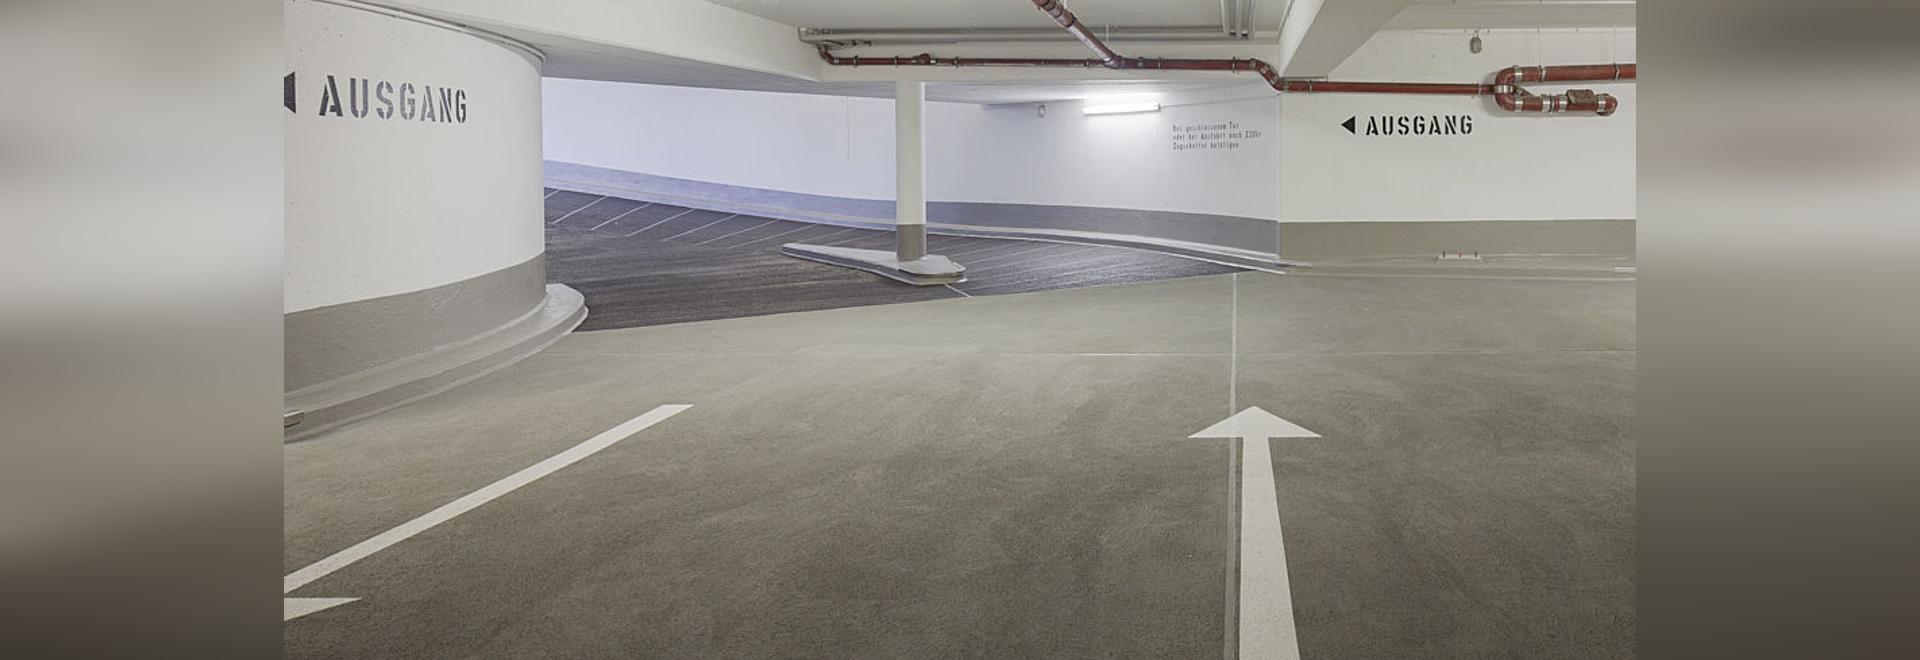 Stabile Konstruktion sichert attraktiven Parkraum